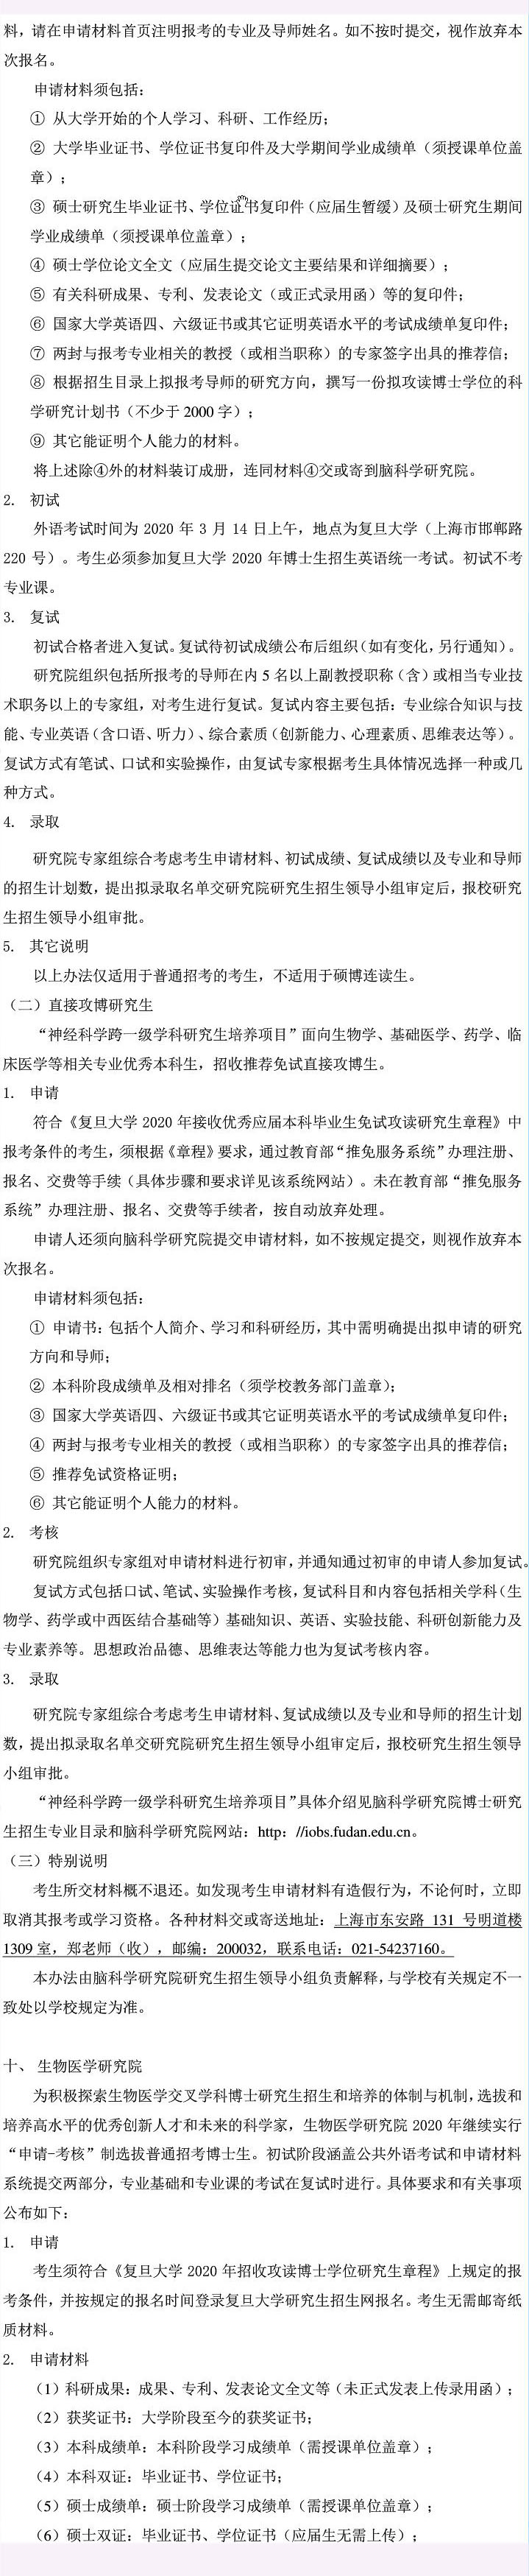 复旦大学医学院2020年博士研究生招生简章